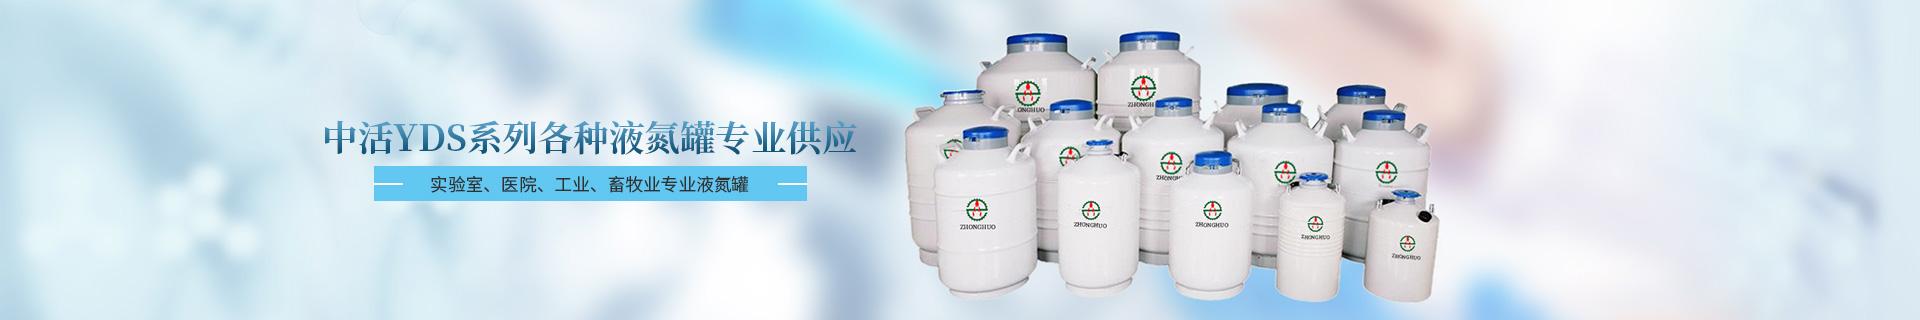 YDS铝制液氮罐